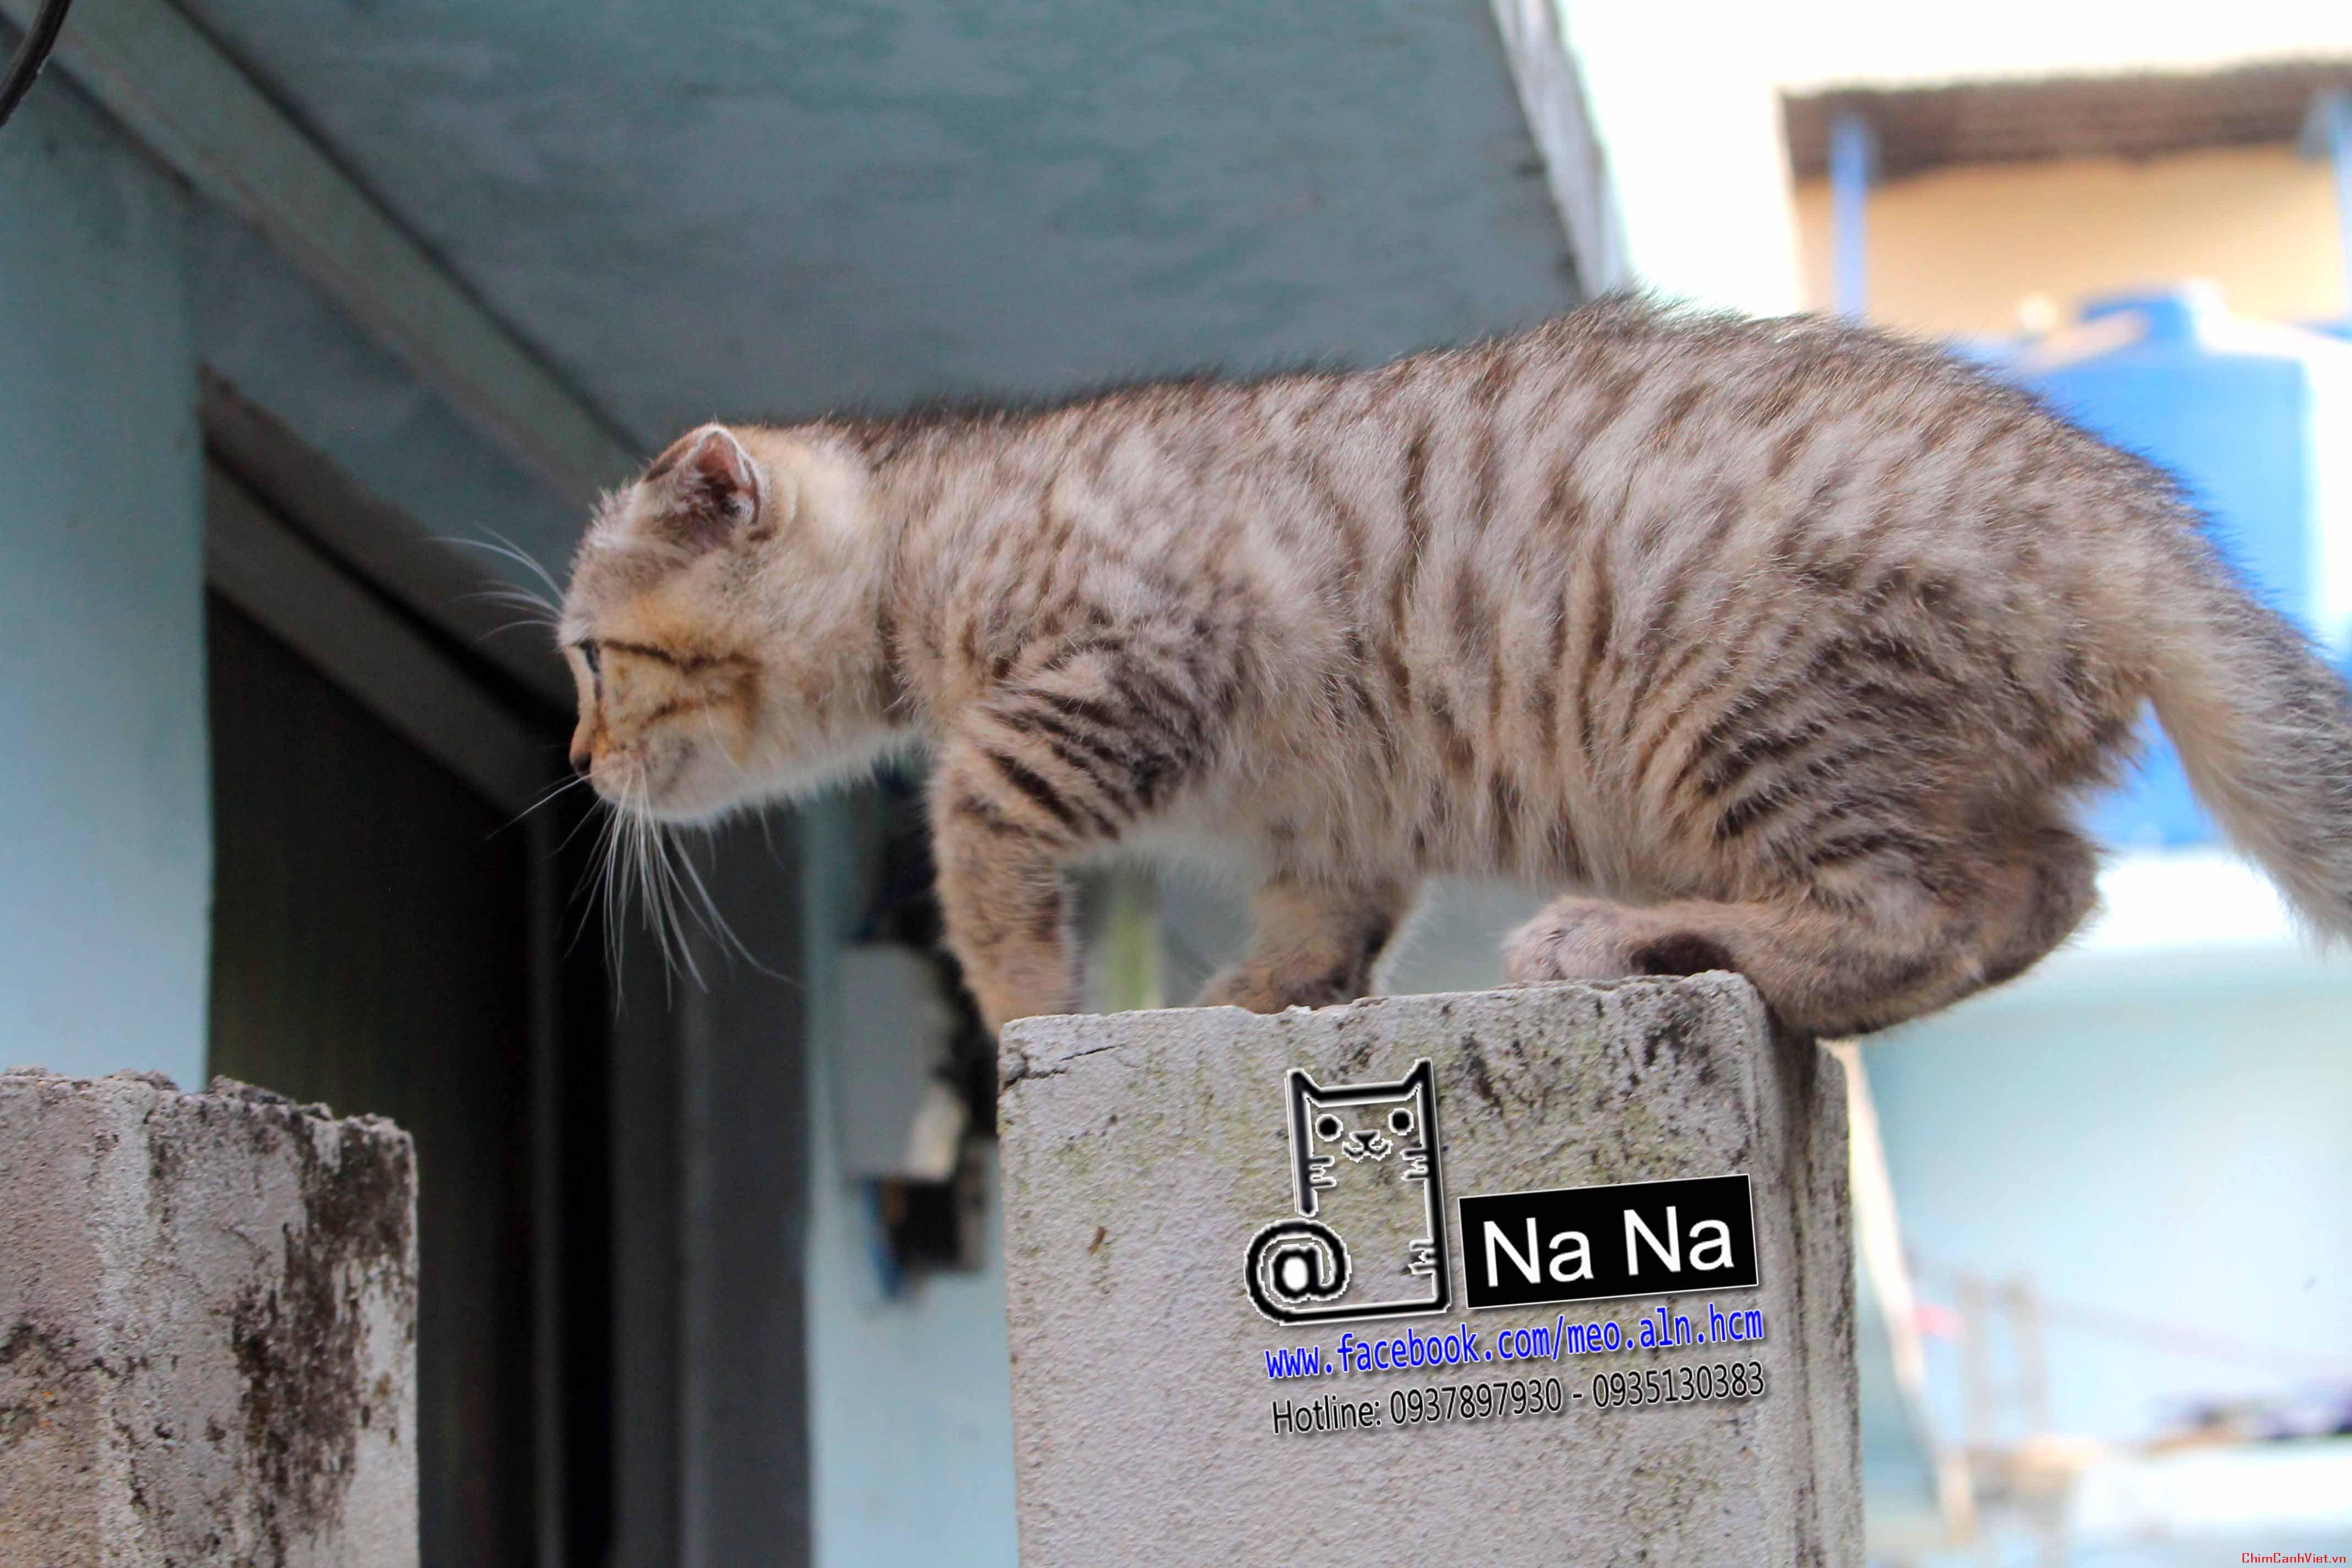 mèo aln, mèo anh lông ngắn, meo aln thuan chung, bán mèo aln tphcm, mèo aln thuần chủng (5).JPG